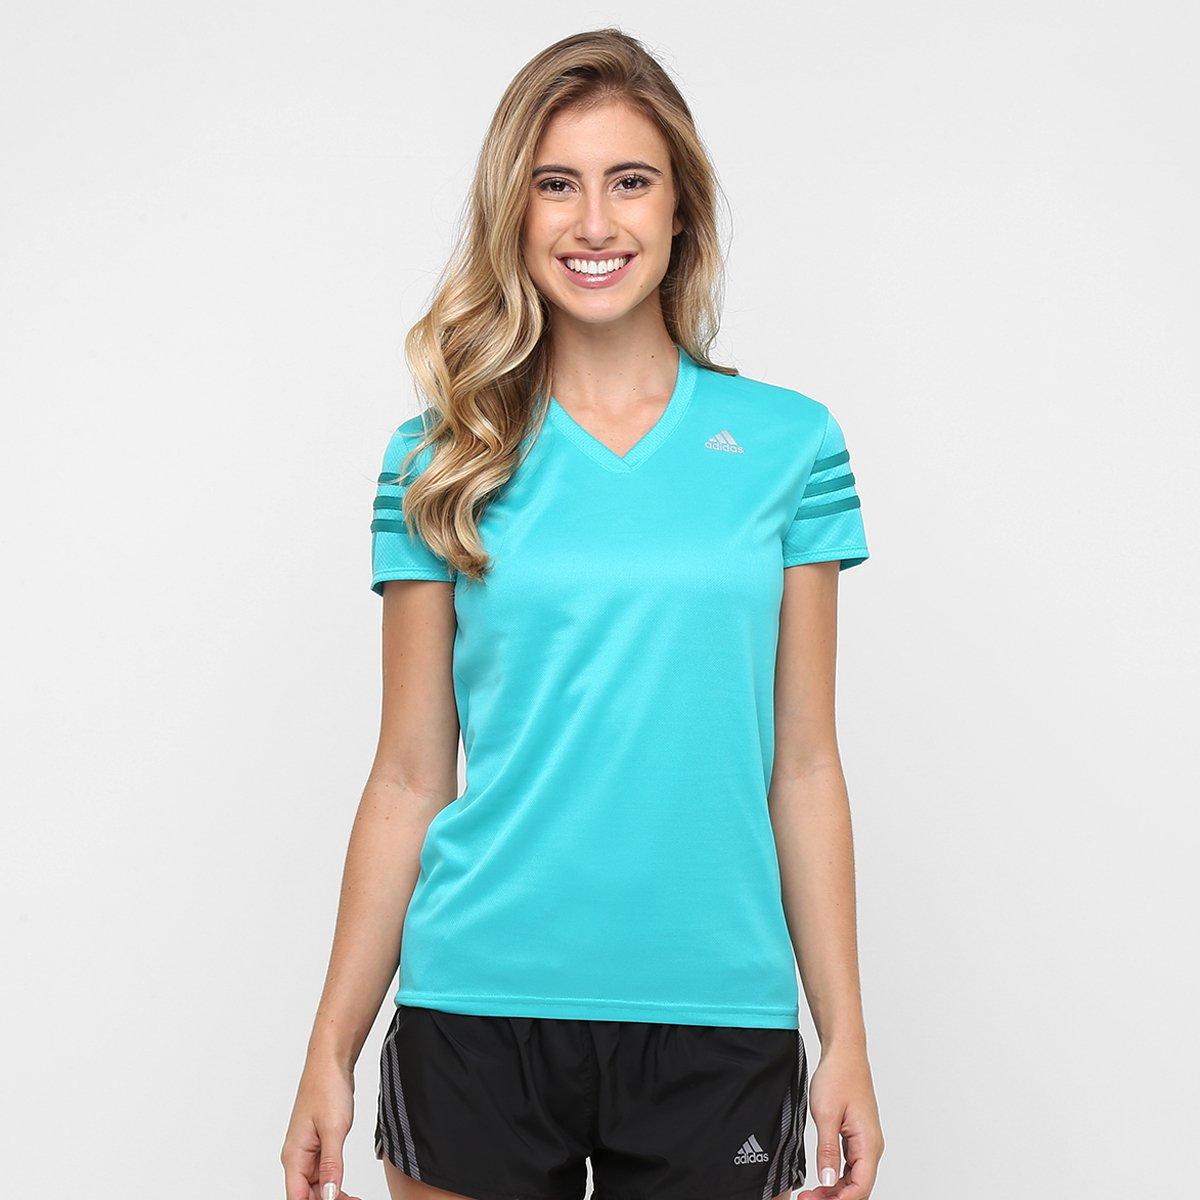 5173fb53e67c9 Camiseta Adidas Response - Compre Agora